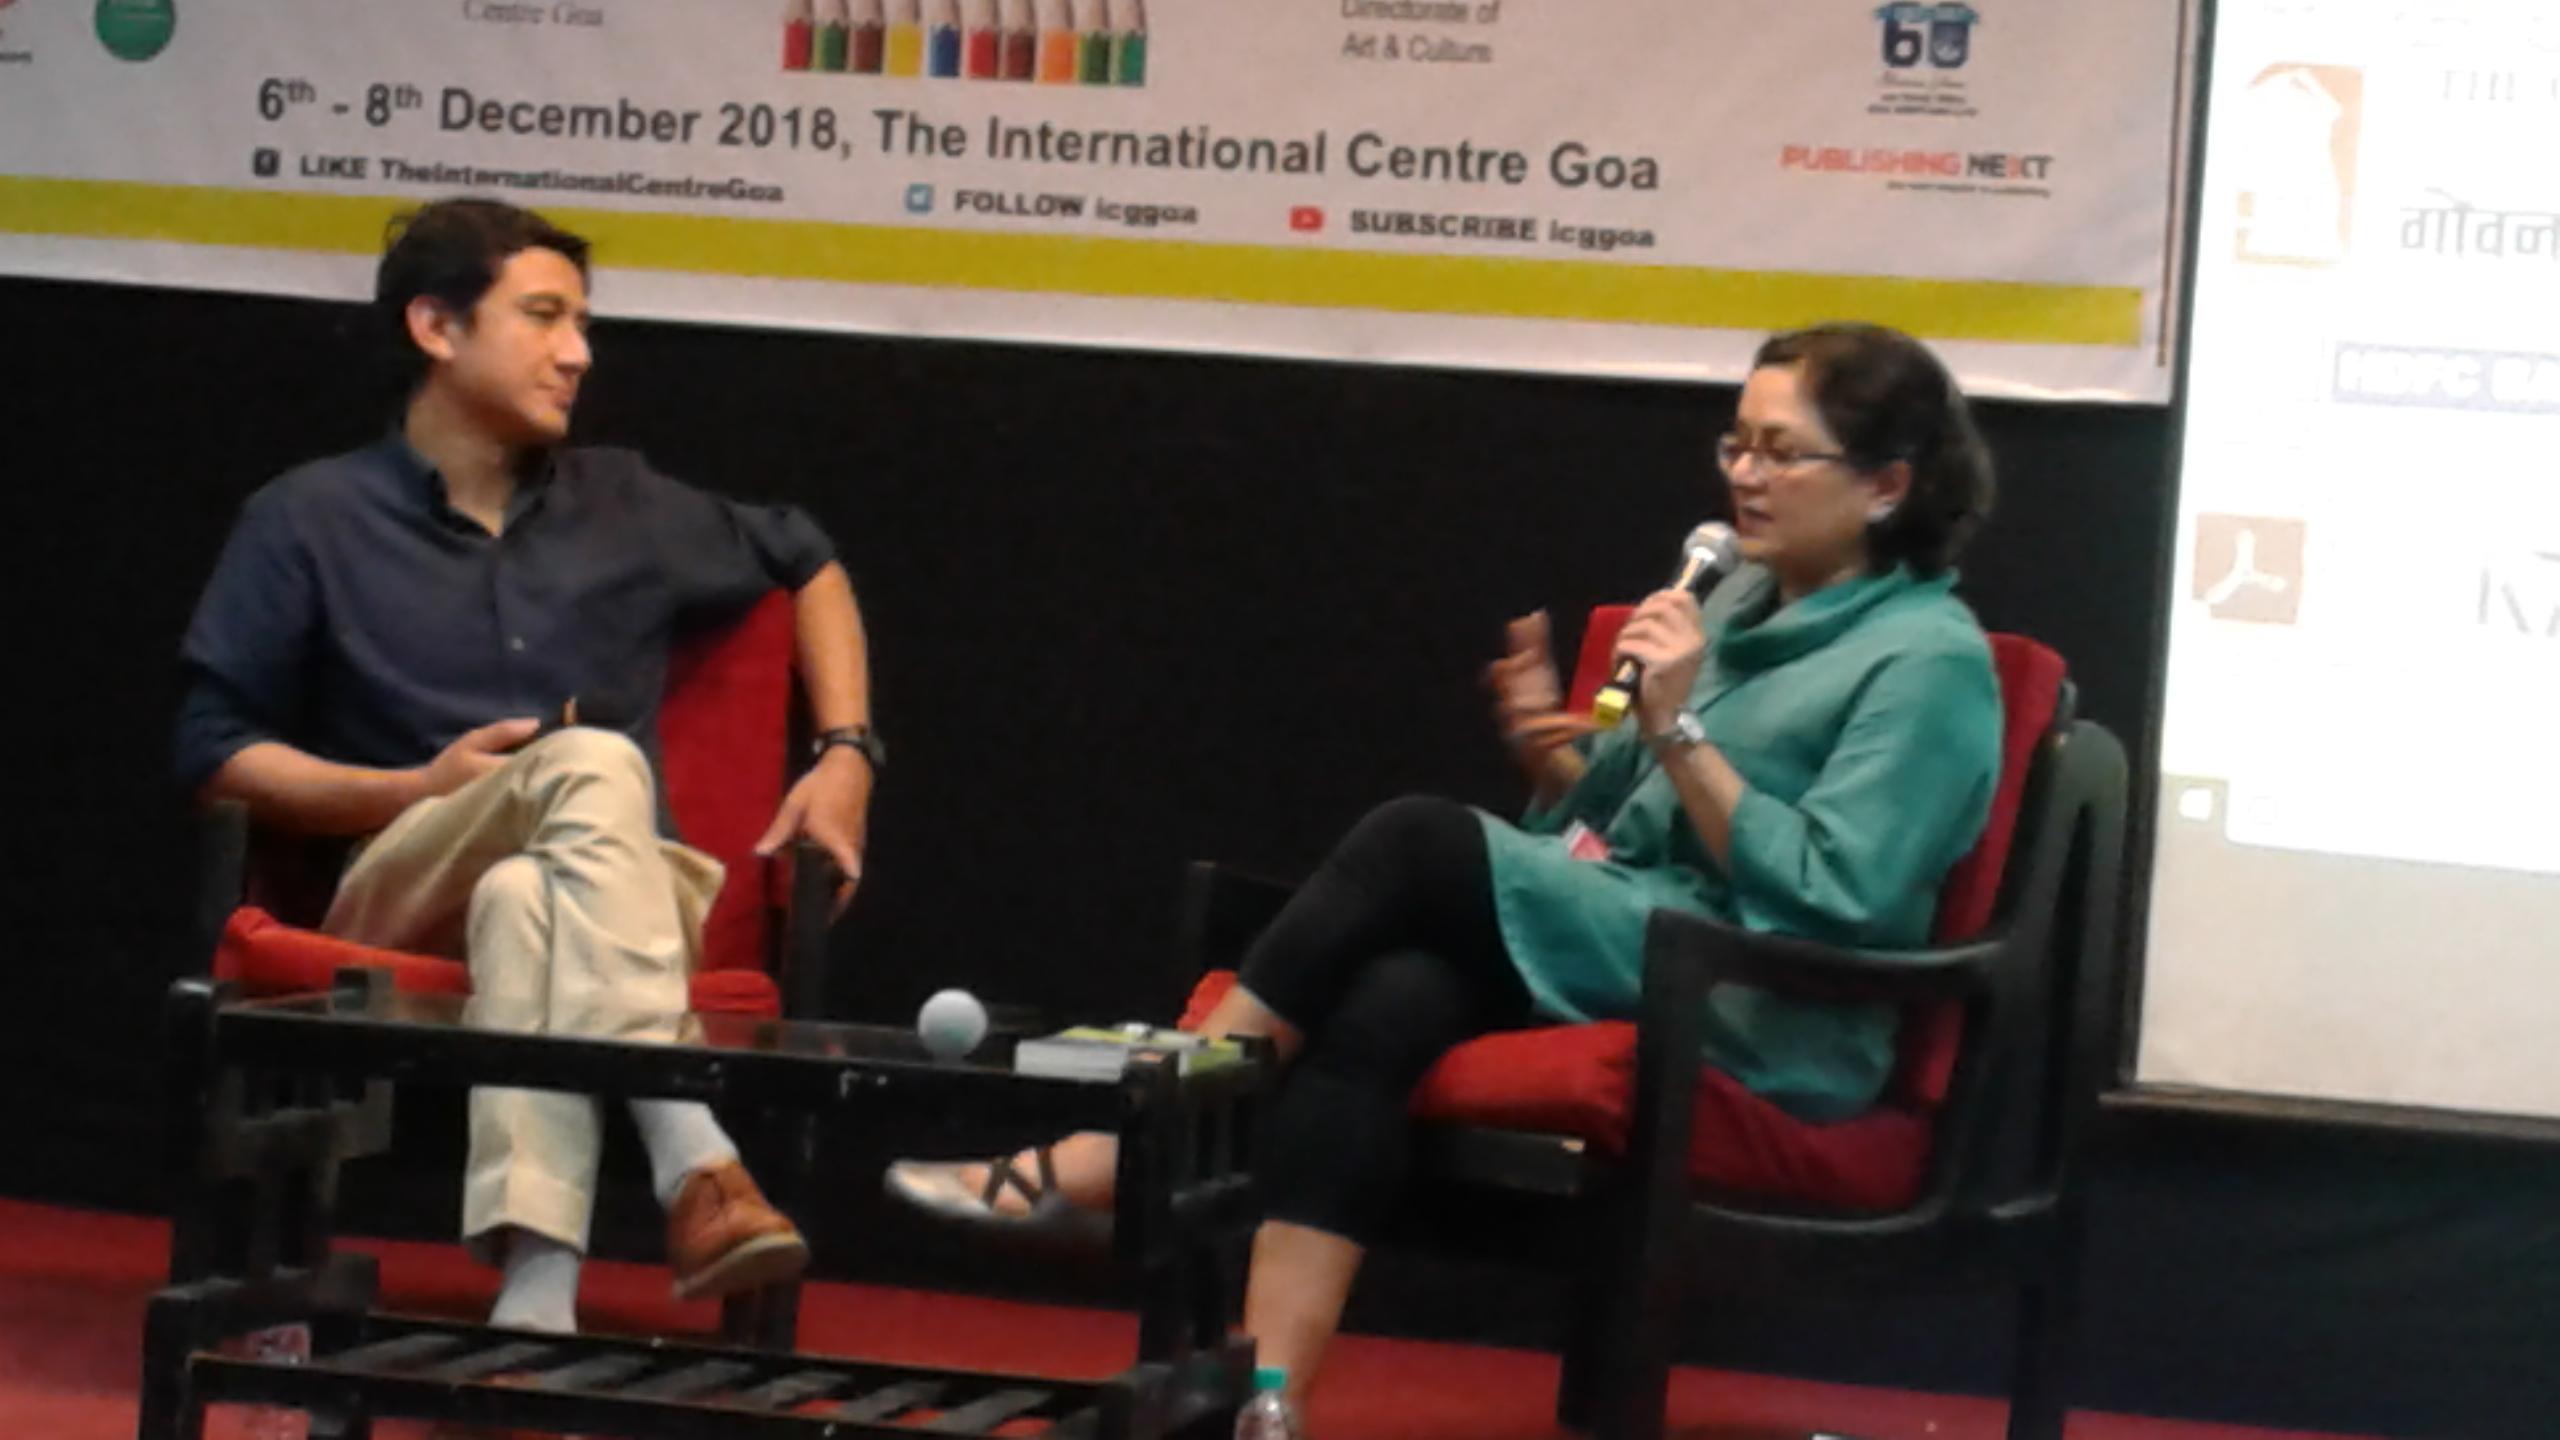 Manjushree Thapa and Anurag Basnet